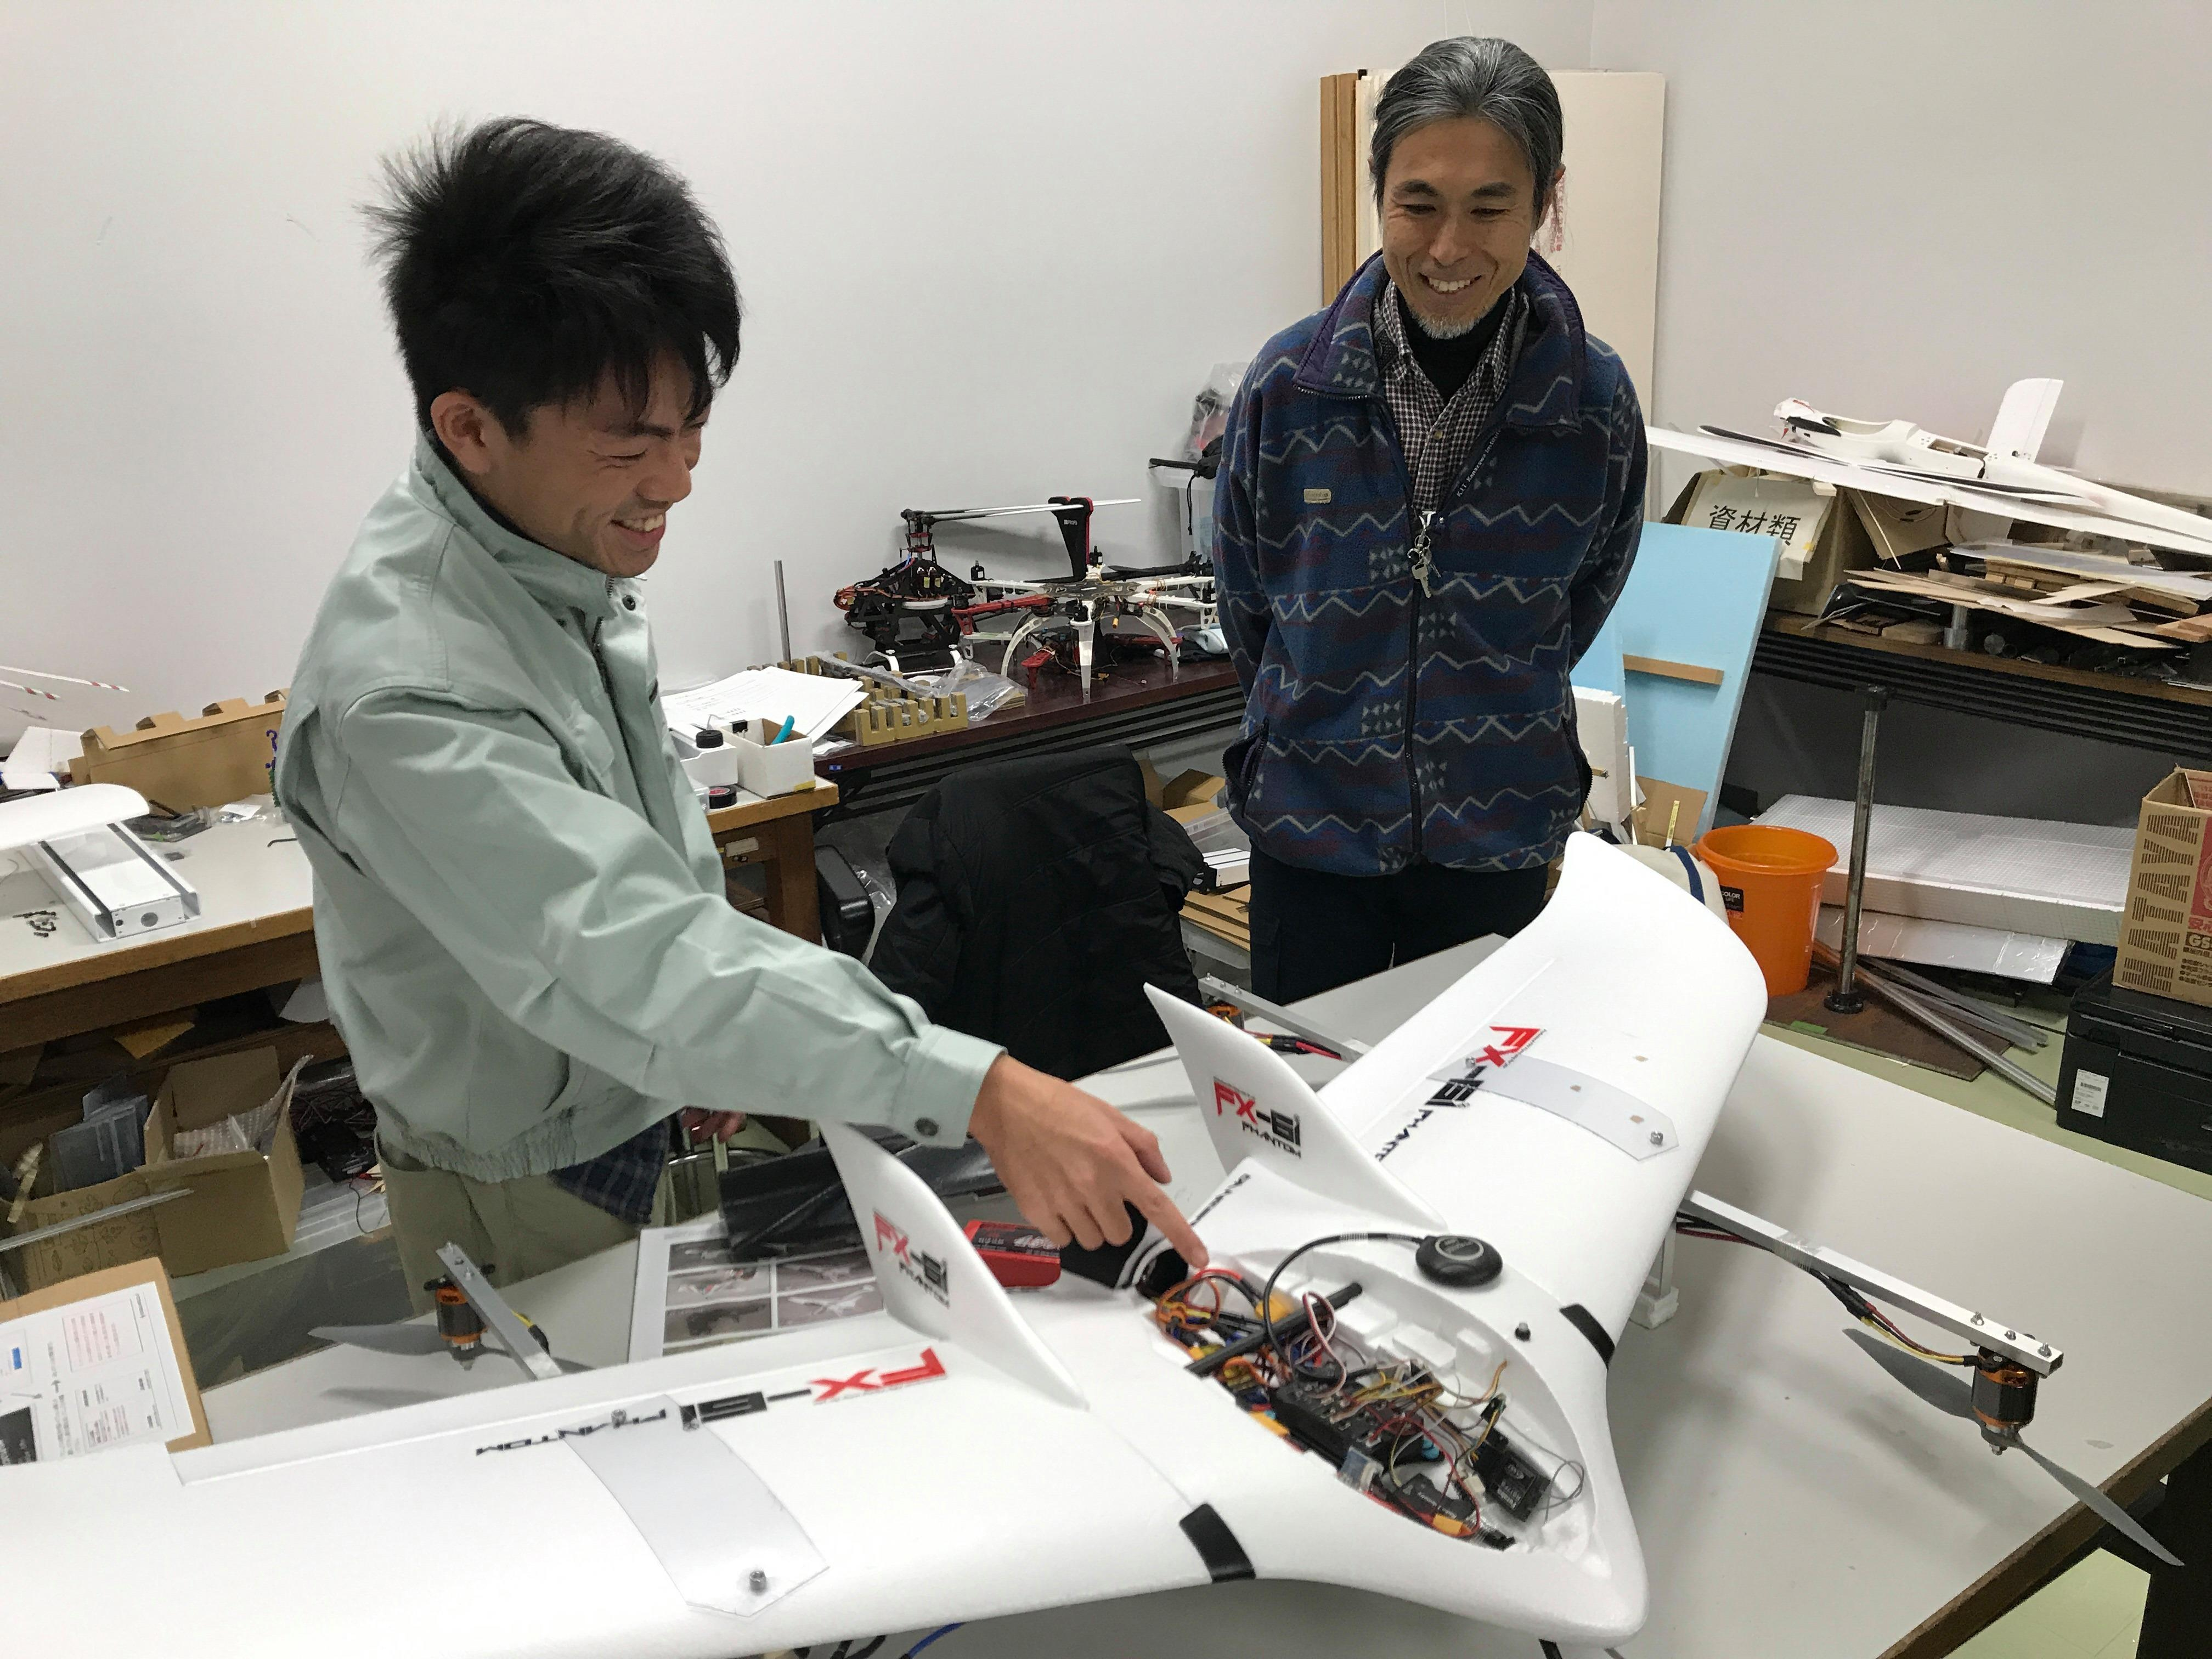 安心安全な国産ドローンで離島・山間部の小口輸送、白山麓での薬の輸送も用途で目指す。金沢工業大学航空システム工学科赤坂研究室、情報工学科中沢研究室、金沢エンジニアリングシステムズと、組込みシステム技術協会が共同で固定翼小型VTOL試作機を開発